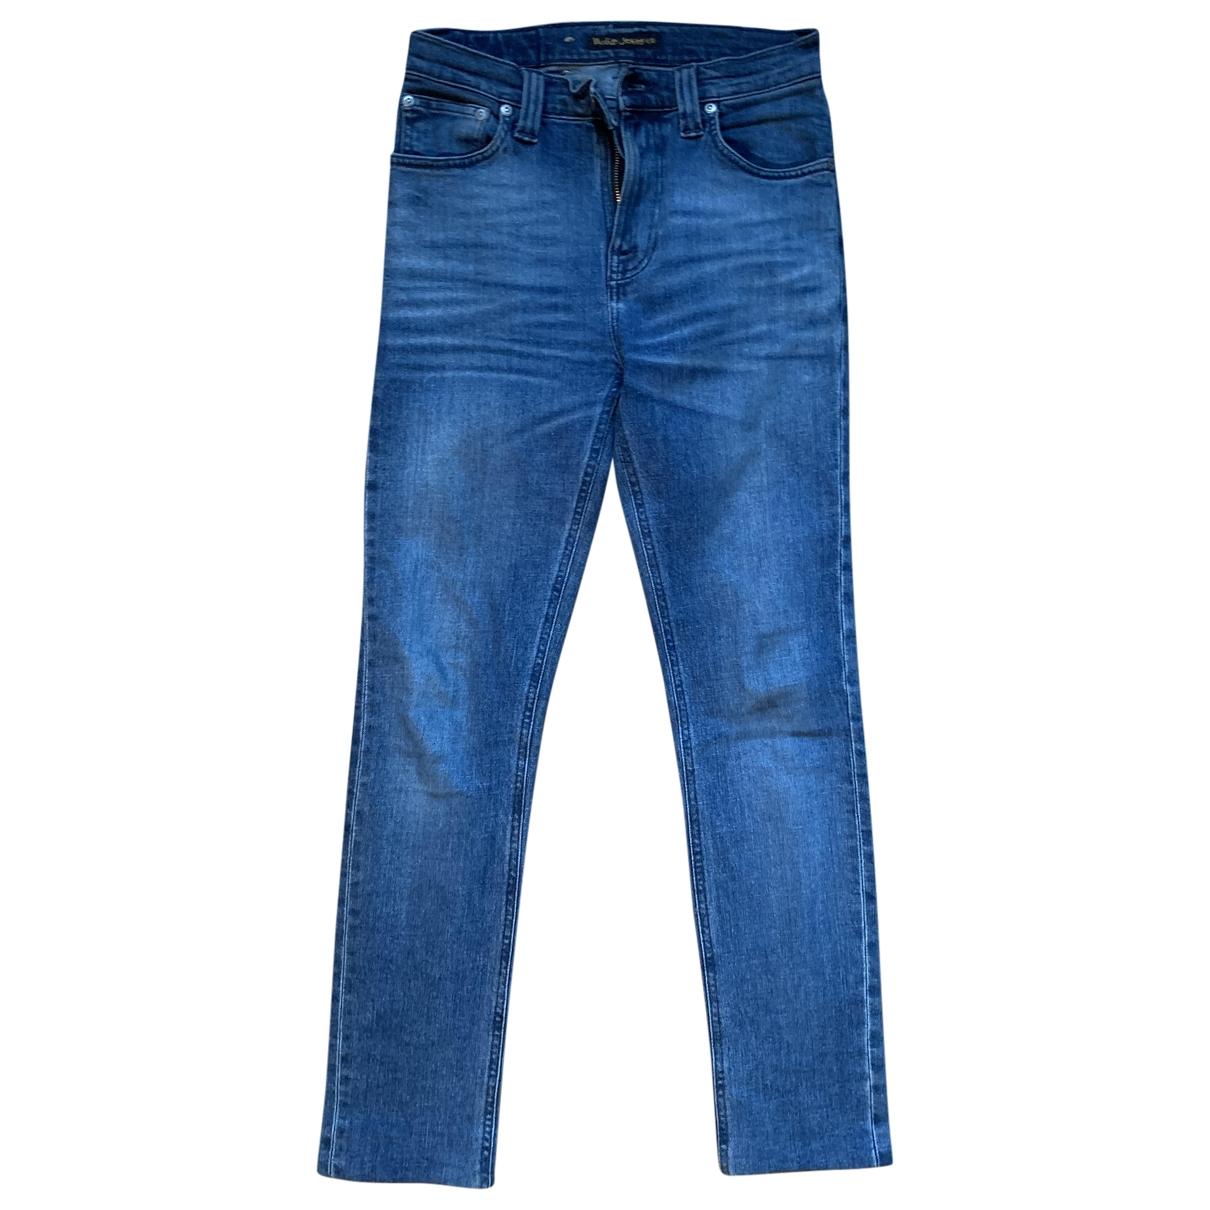 Nudie \N Blue Denim - Jeans Jeans for Women 27 US